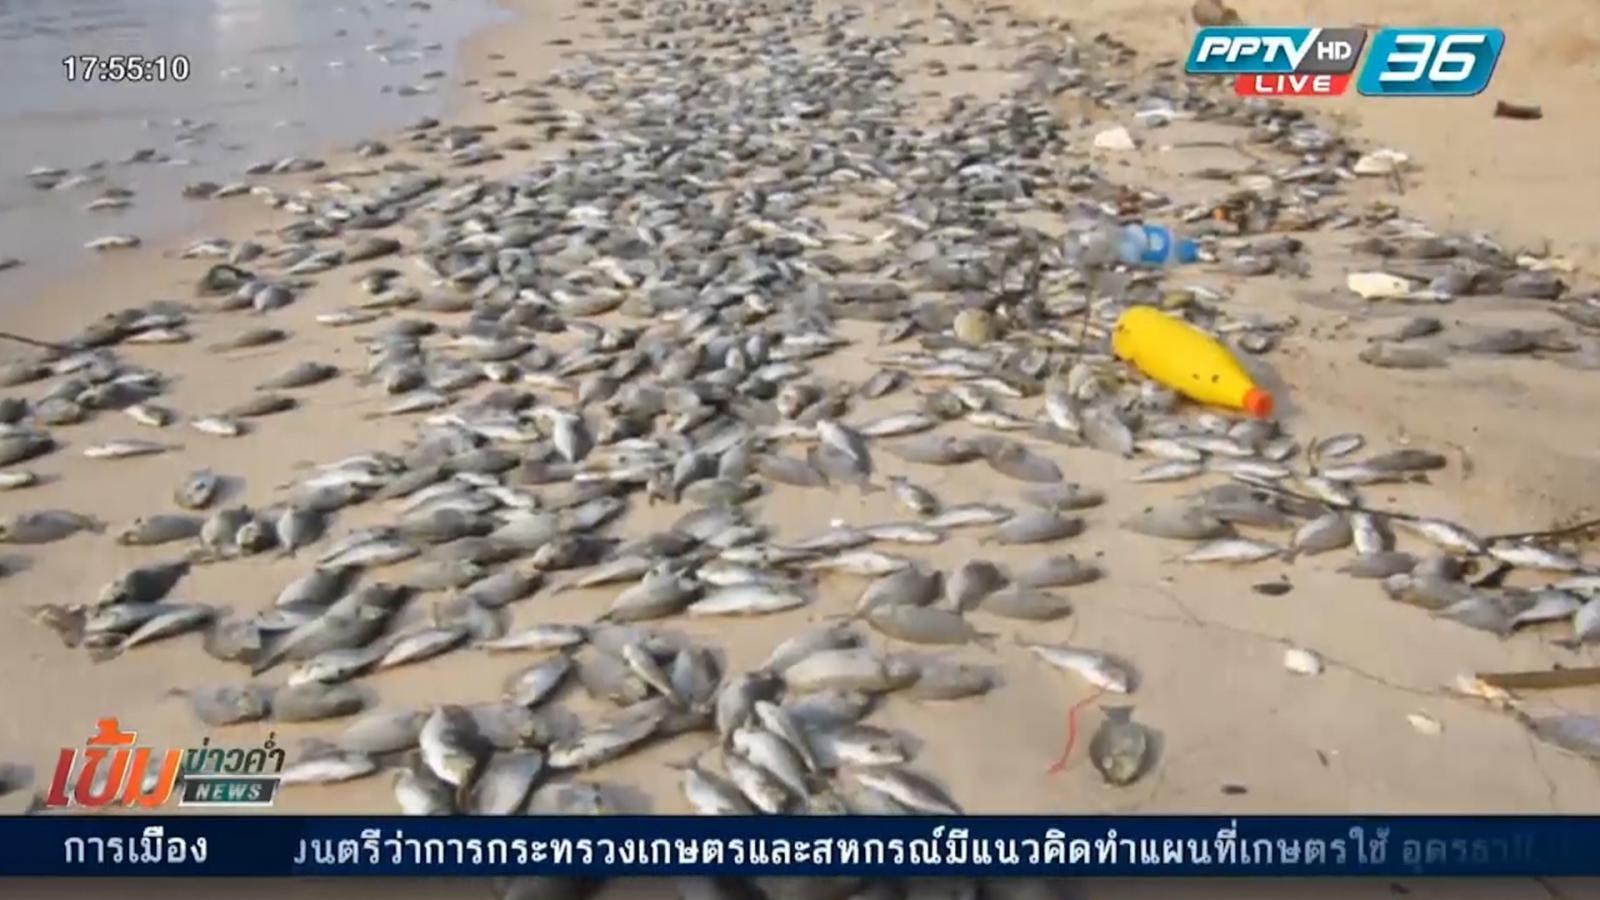 ชาวบ้านมาบตาพุดไม่เชื่อปลาตายเกิดจากแพลงก์ตอนบลูม